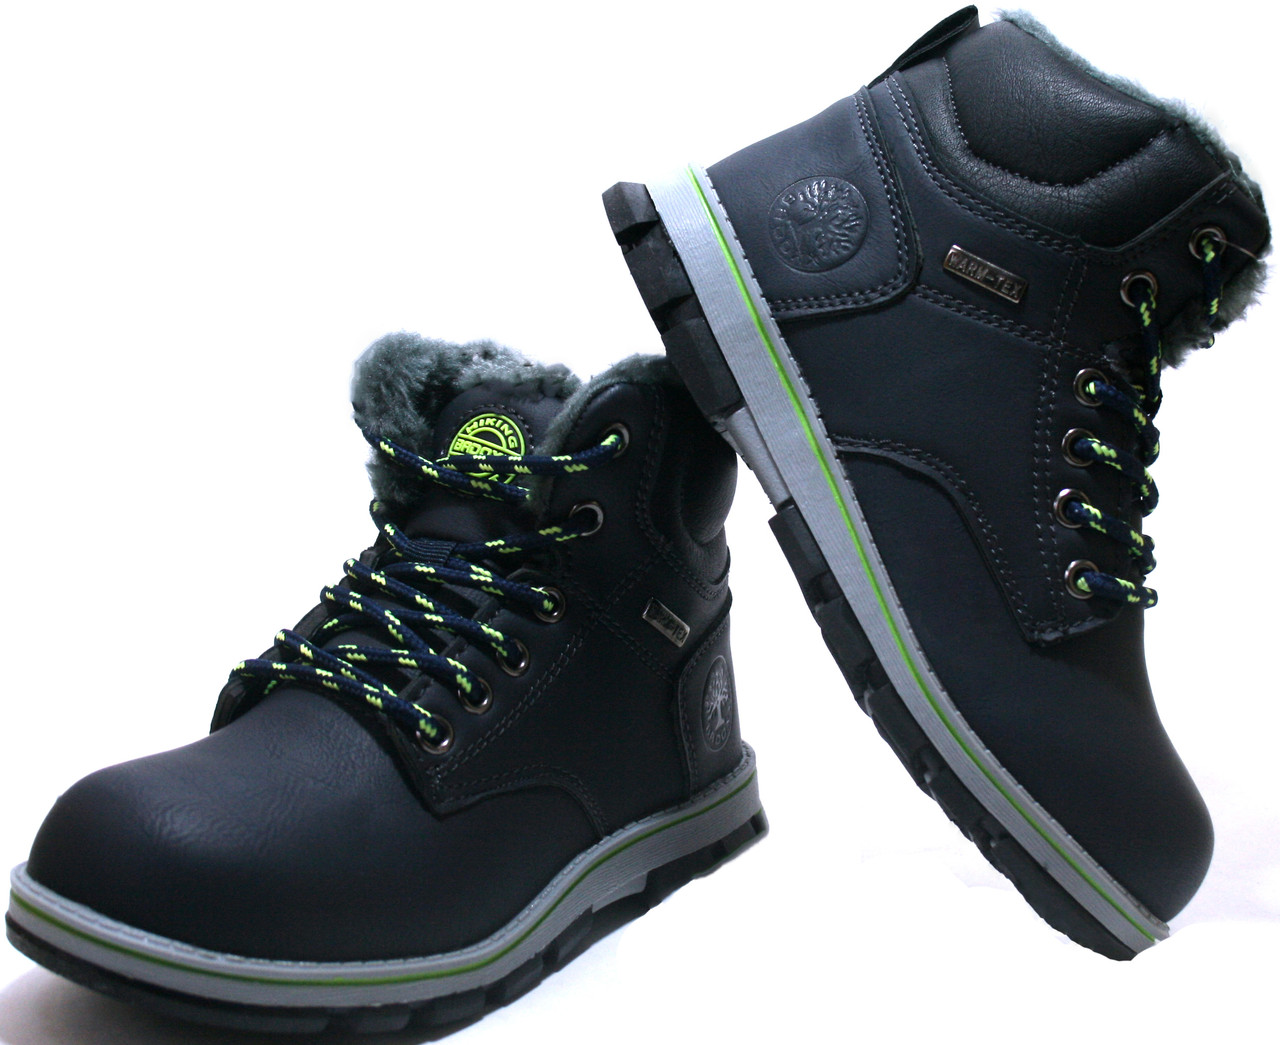 Дитячі зимові черевики Badoxx Польща (розміри 32-37)